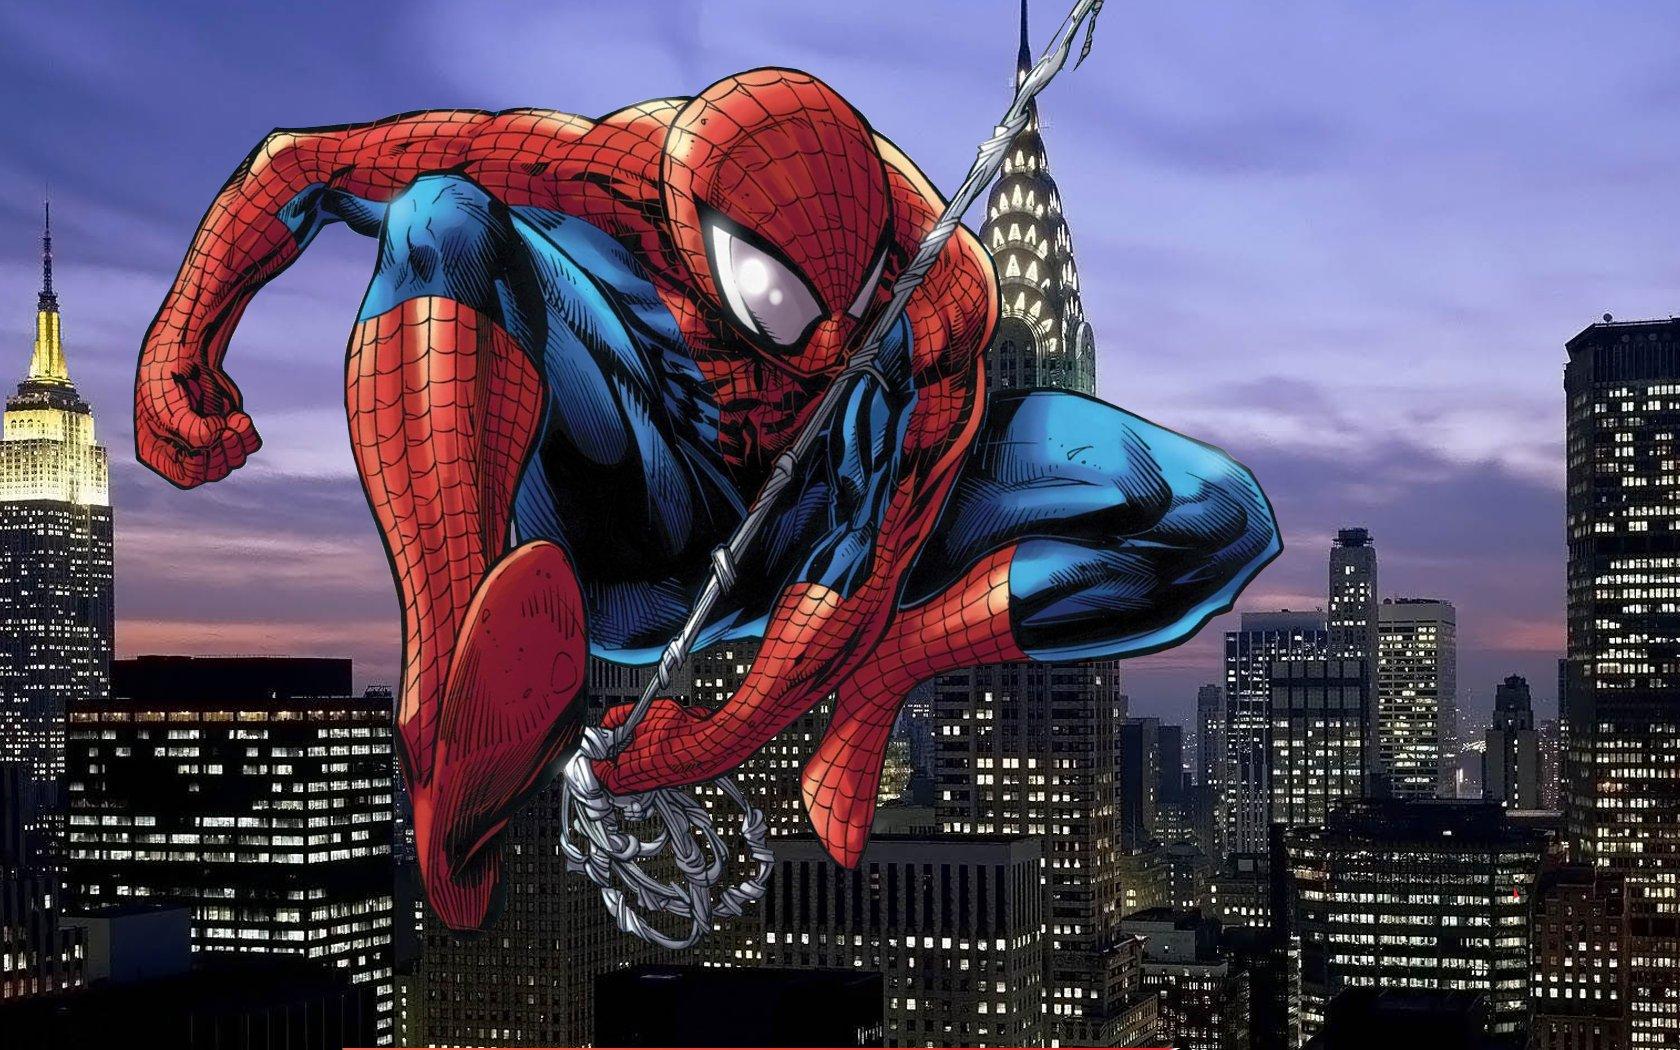 0002 o xaraktiras tou spiderman foto3